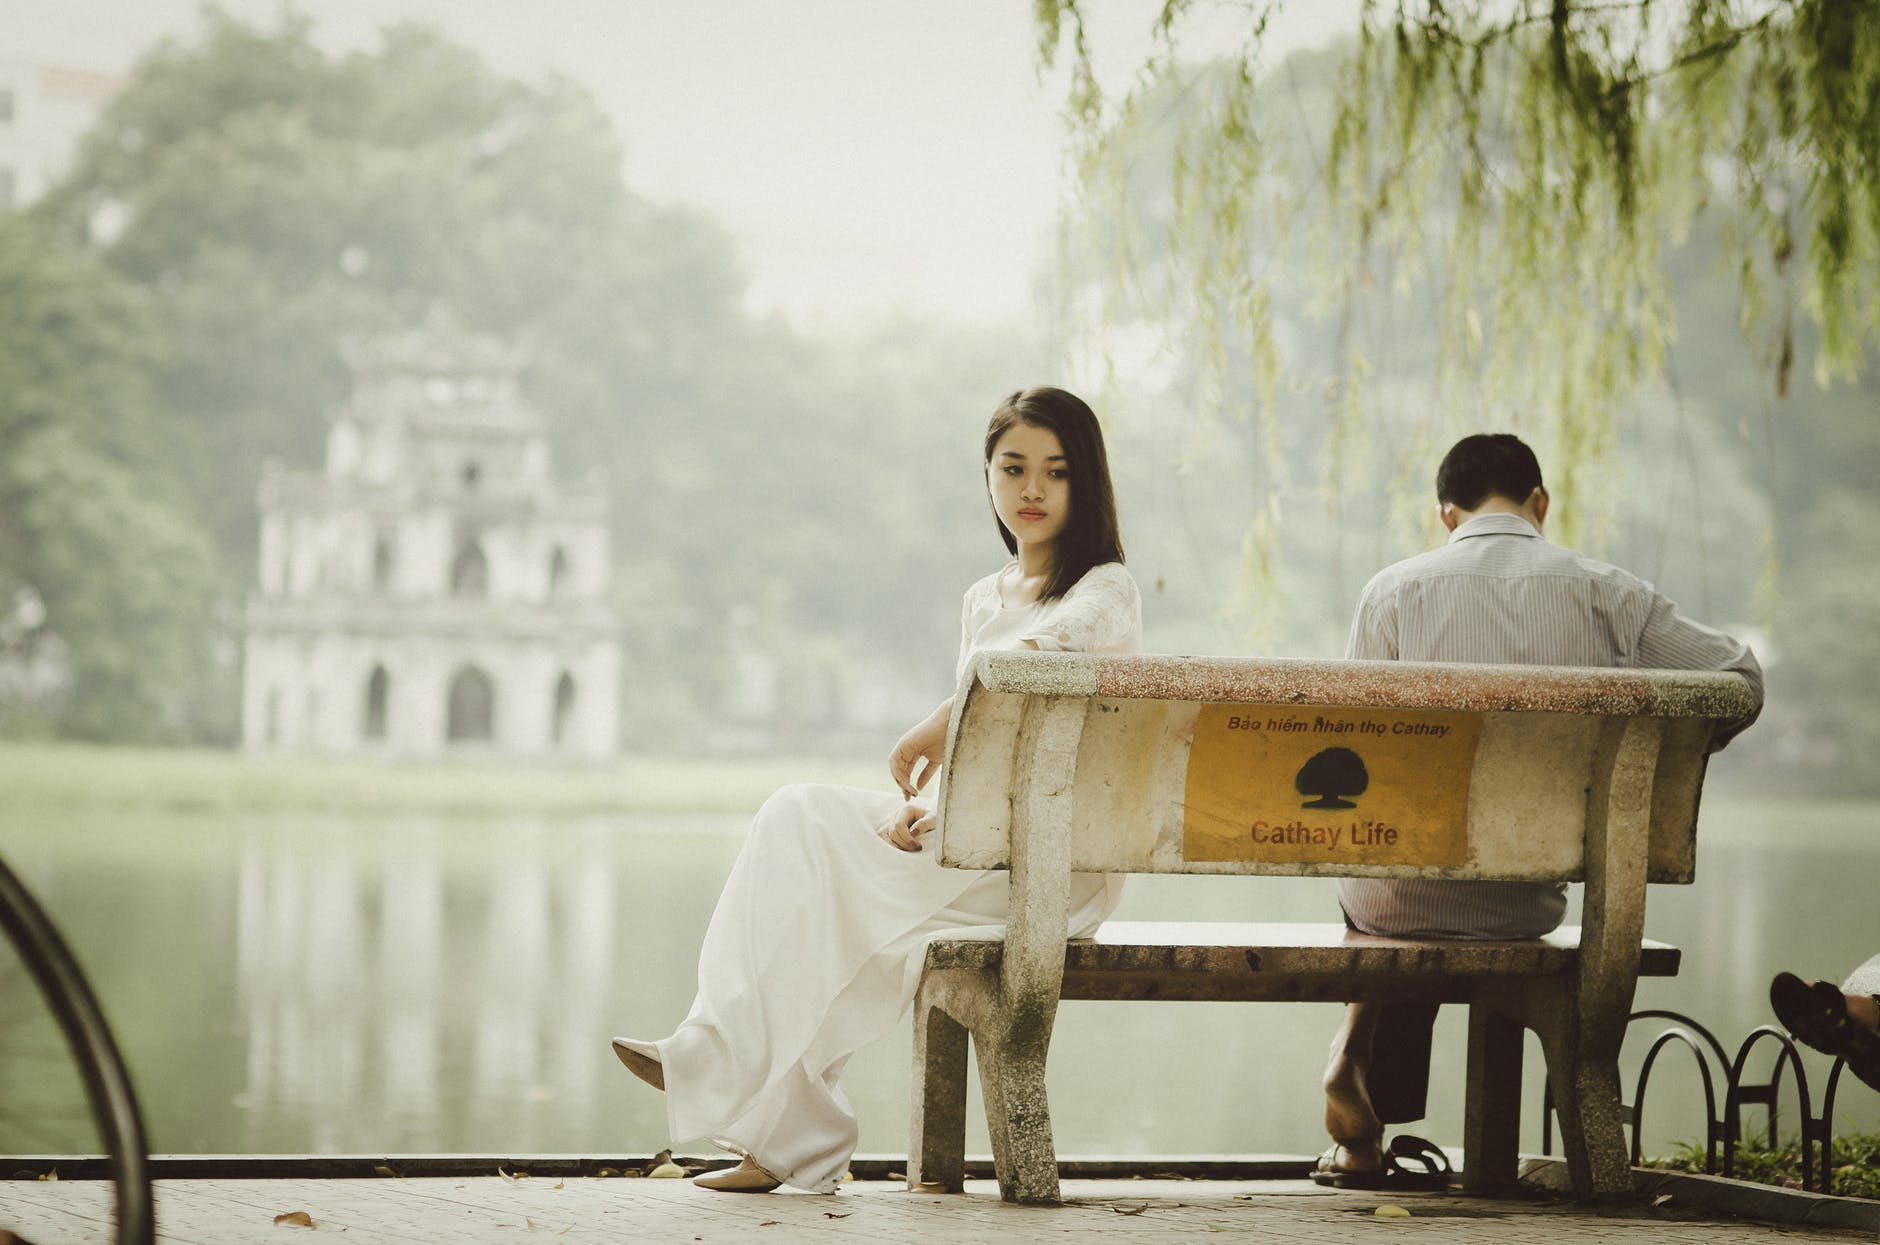 relacionamento por um fio